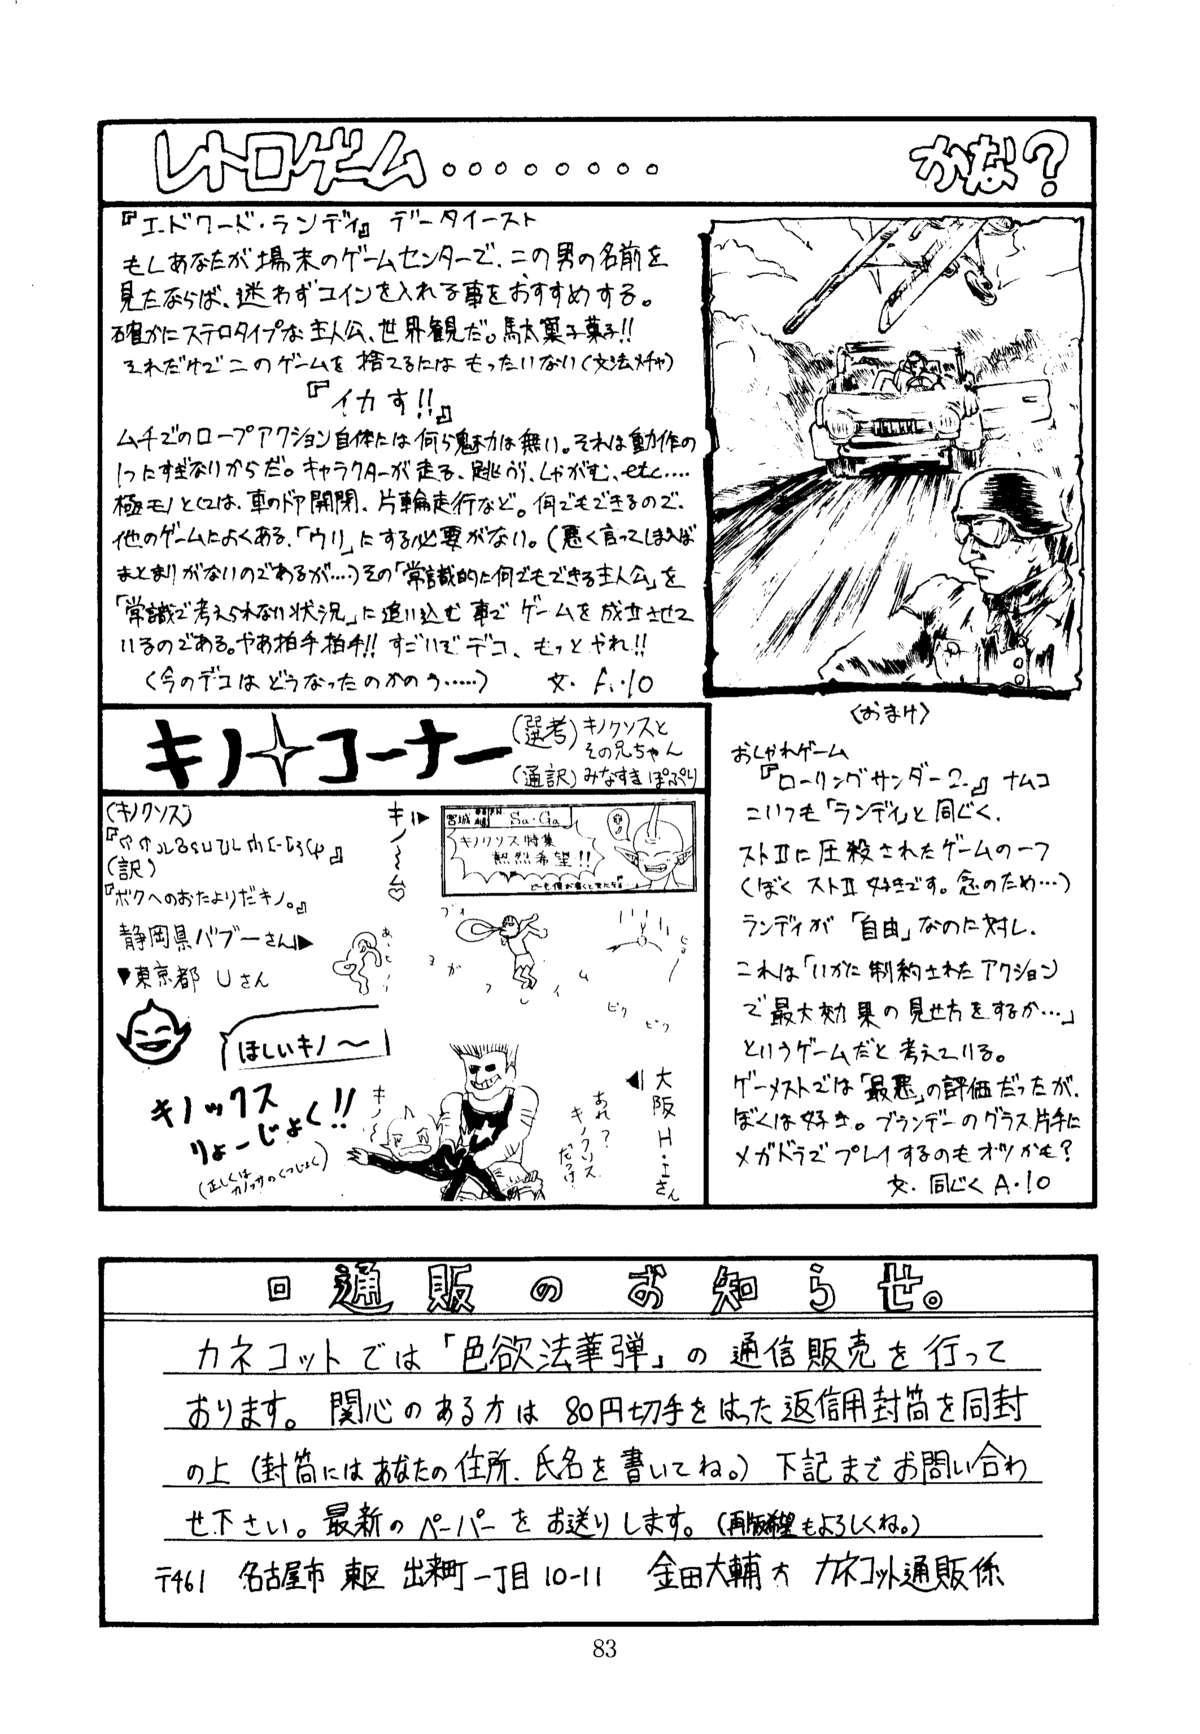 Shikiyoku Hokkedan 3 82